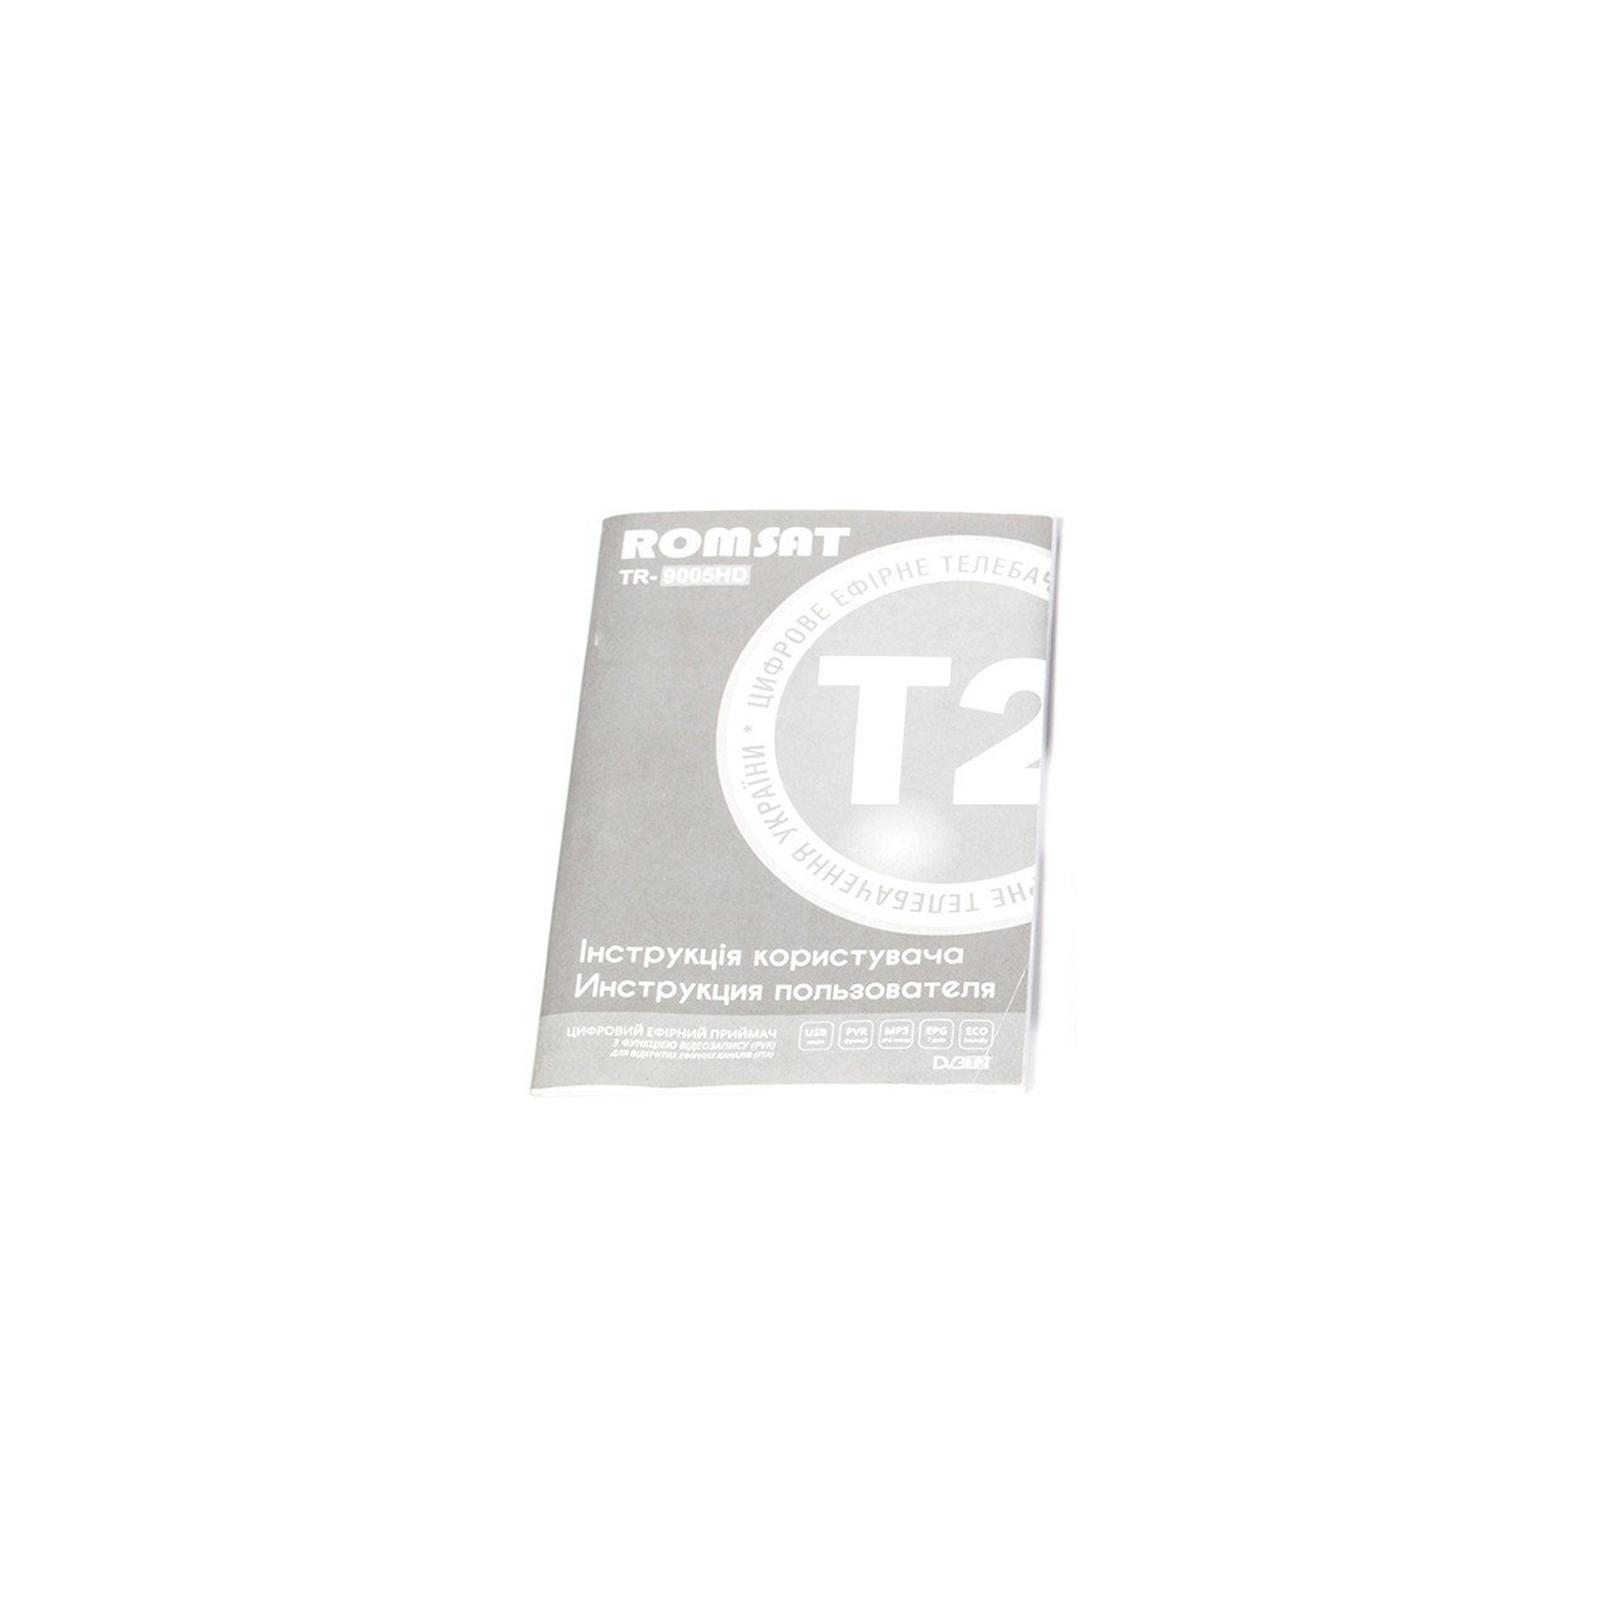 ТВ тюнер Romsat TR-9005HD, chip set MSD7T01 (TR-9005HD) зображення 5